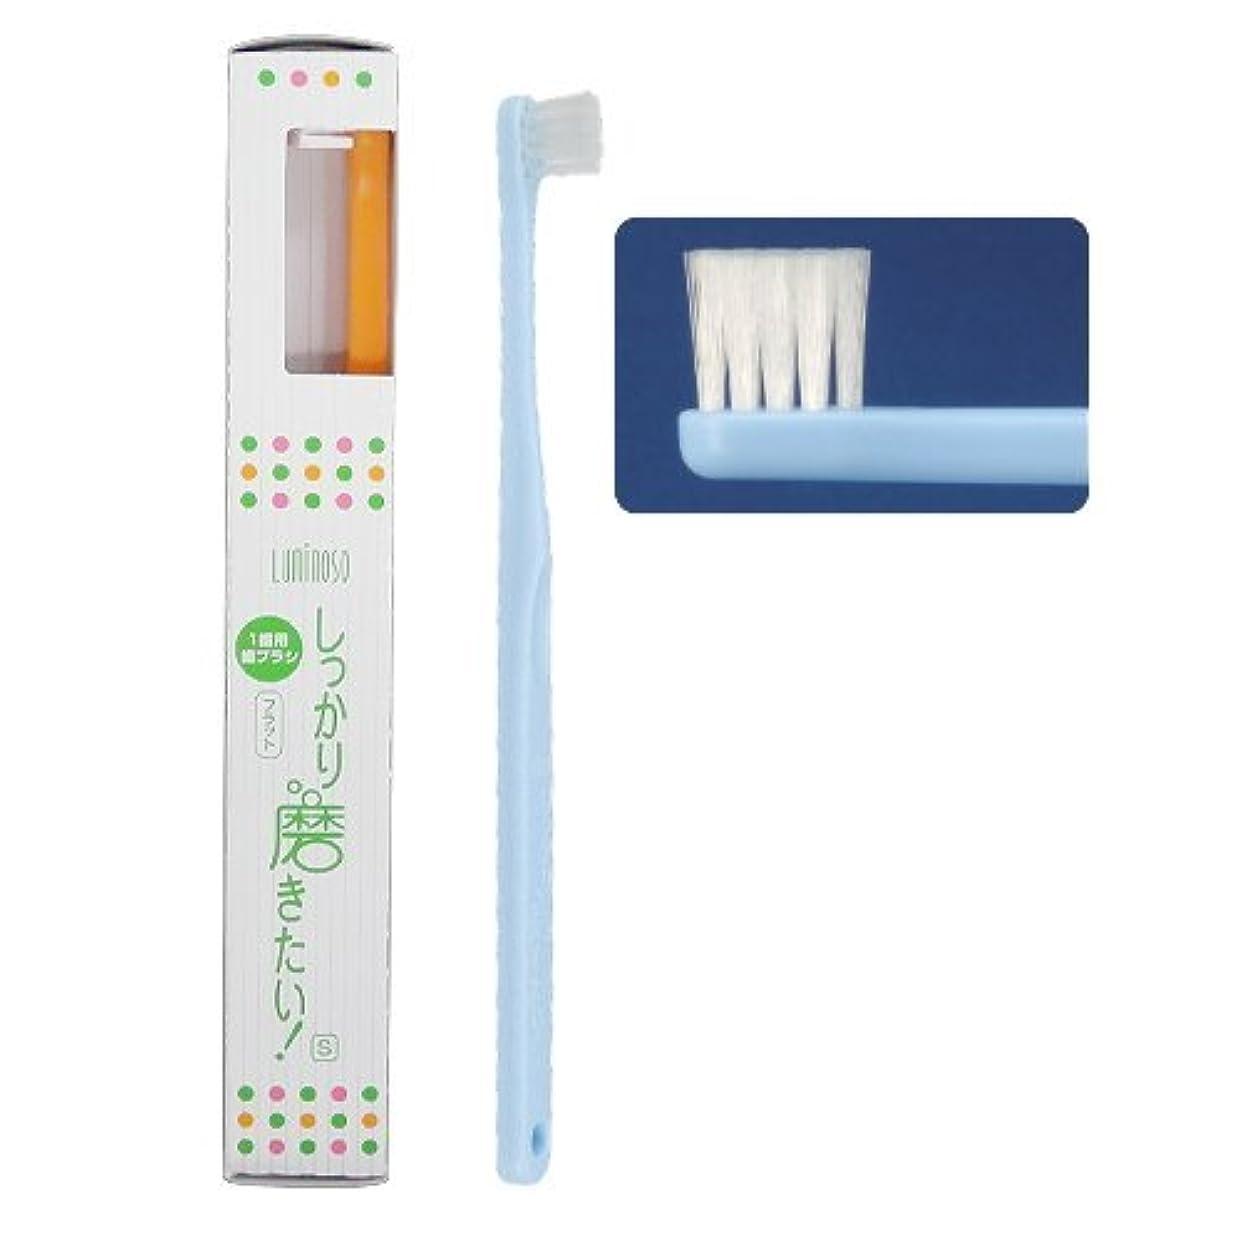 クッションアーサーお尻ルミノソ 1歯用歯ブラシ 「しっかり磨きたい!」 フラット ソフト (カラー指定不可) 5本